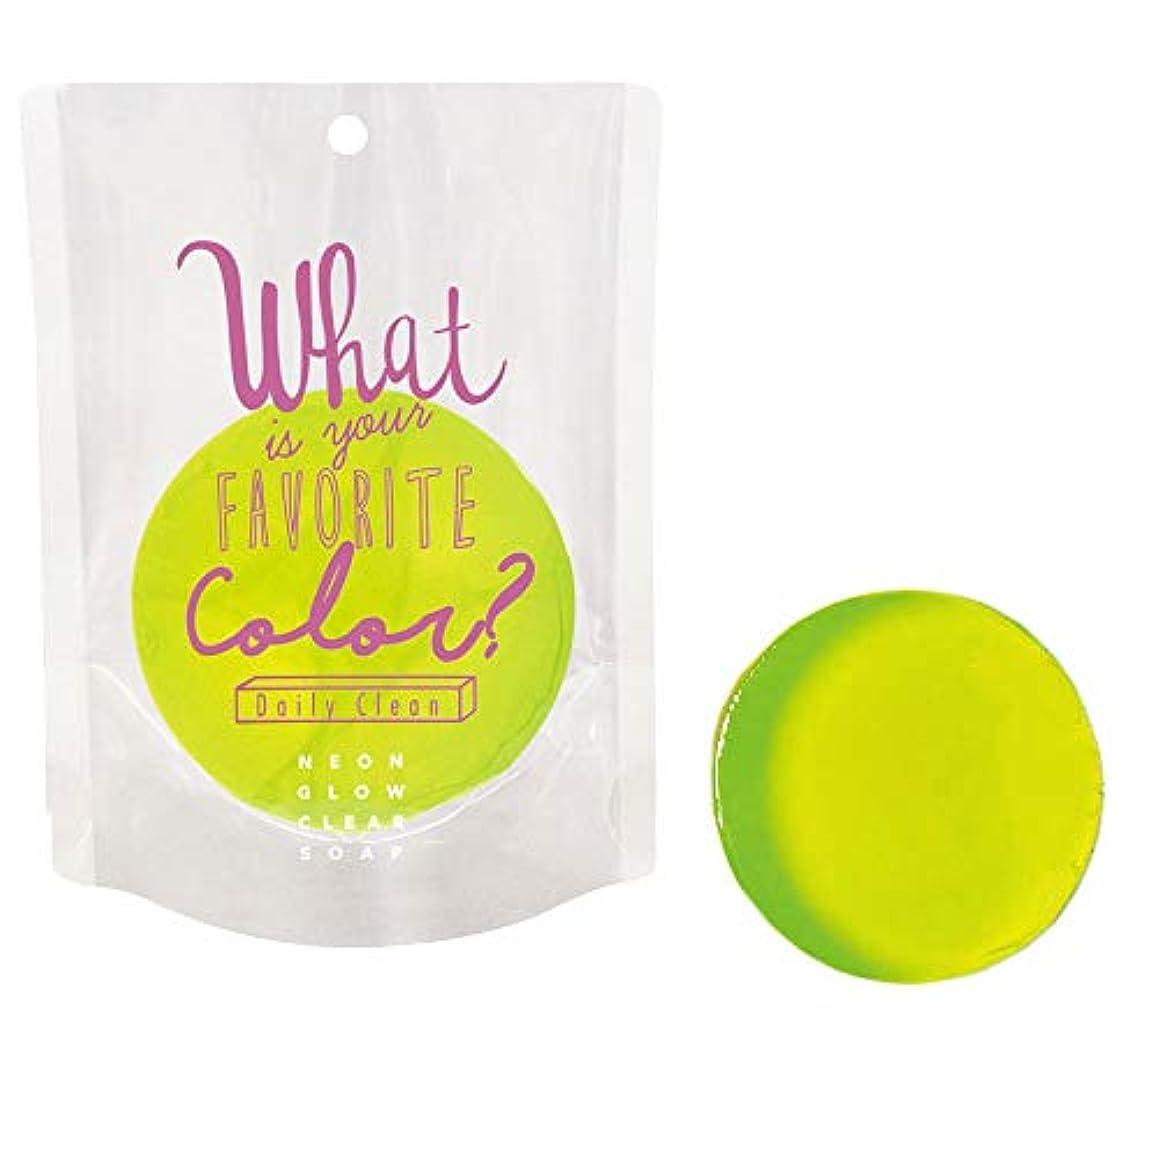 やるあそこ新聞ネオングロークリアソープ ob-ngw-2-1-4(02/パパイヤ) Neon Glow Clear Soap 石鹸 ノルコーポレーション 固形 せっけん カラフル 香り 清潔 ギフト プレゼント